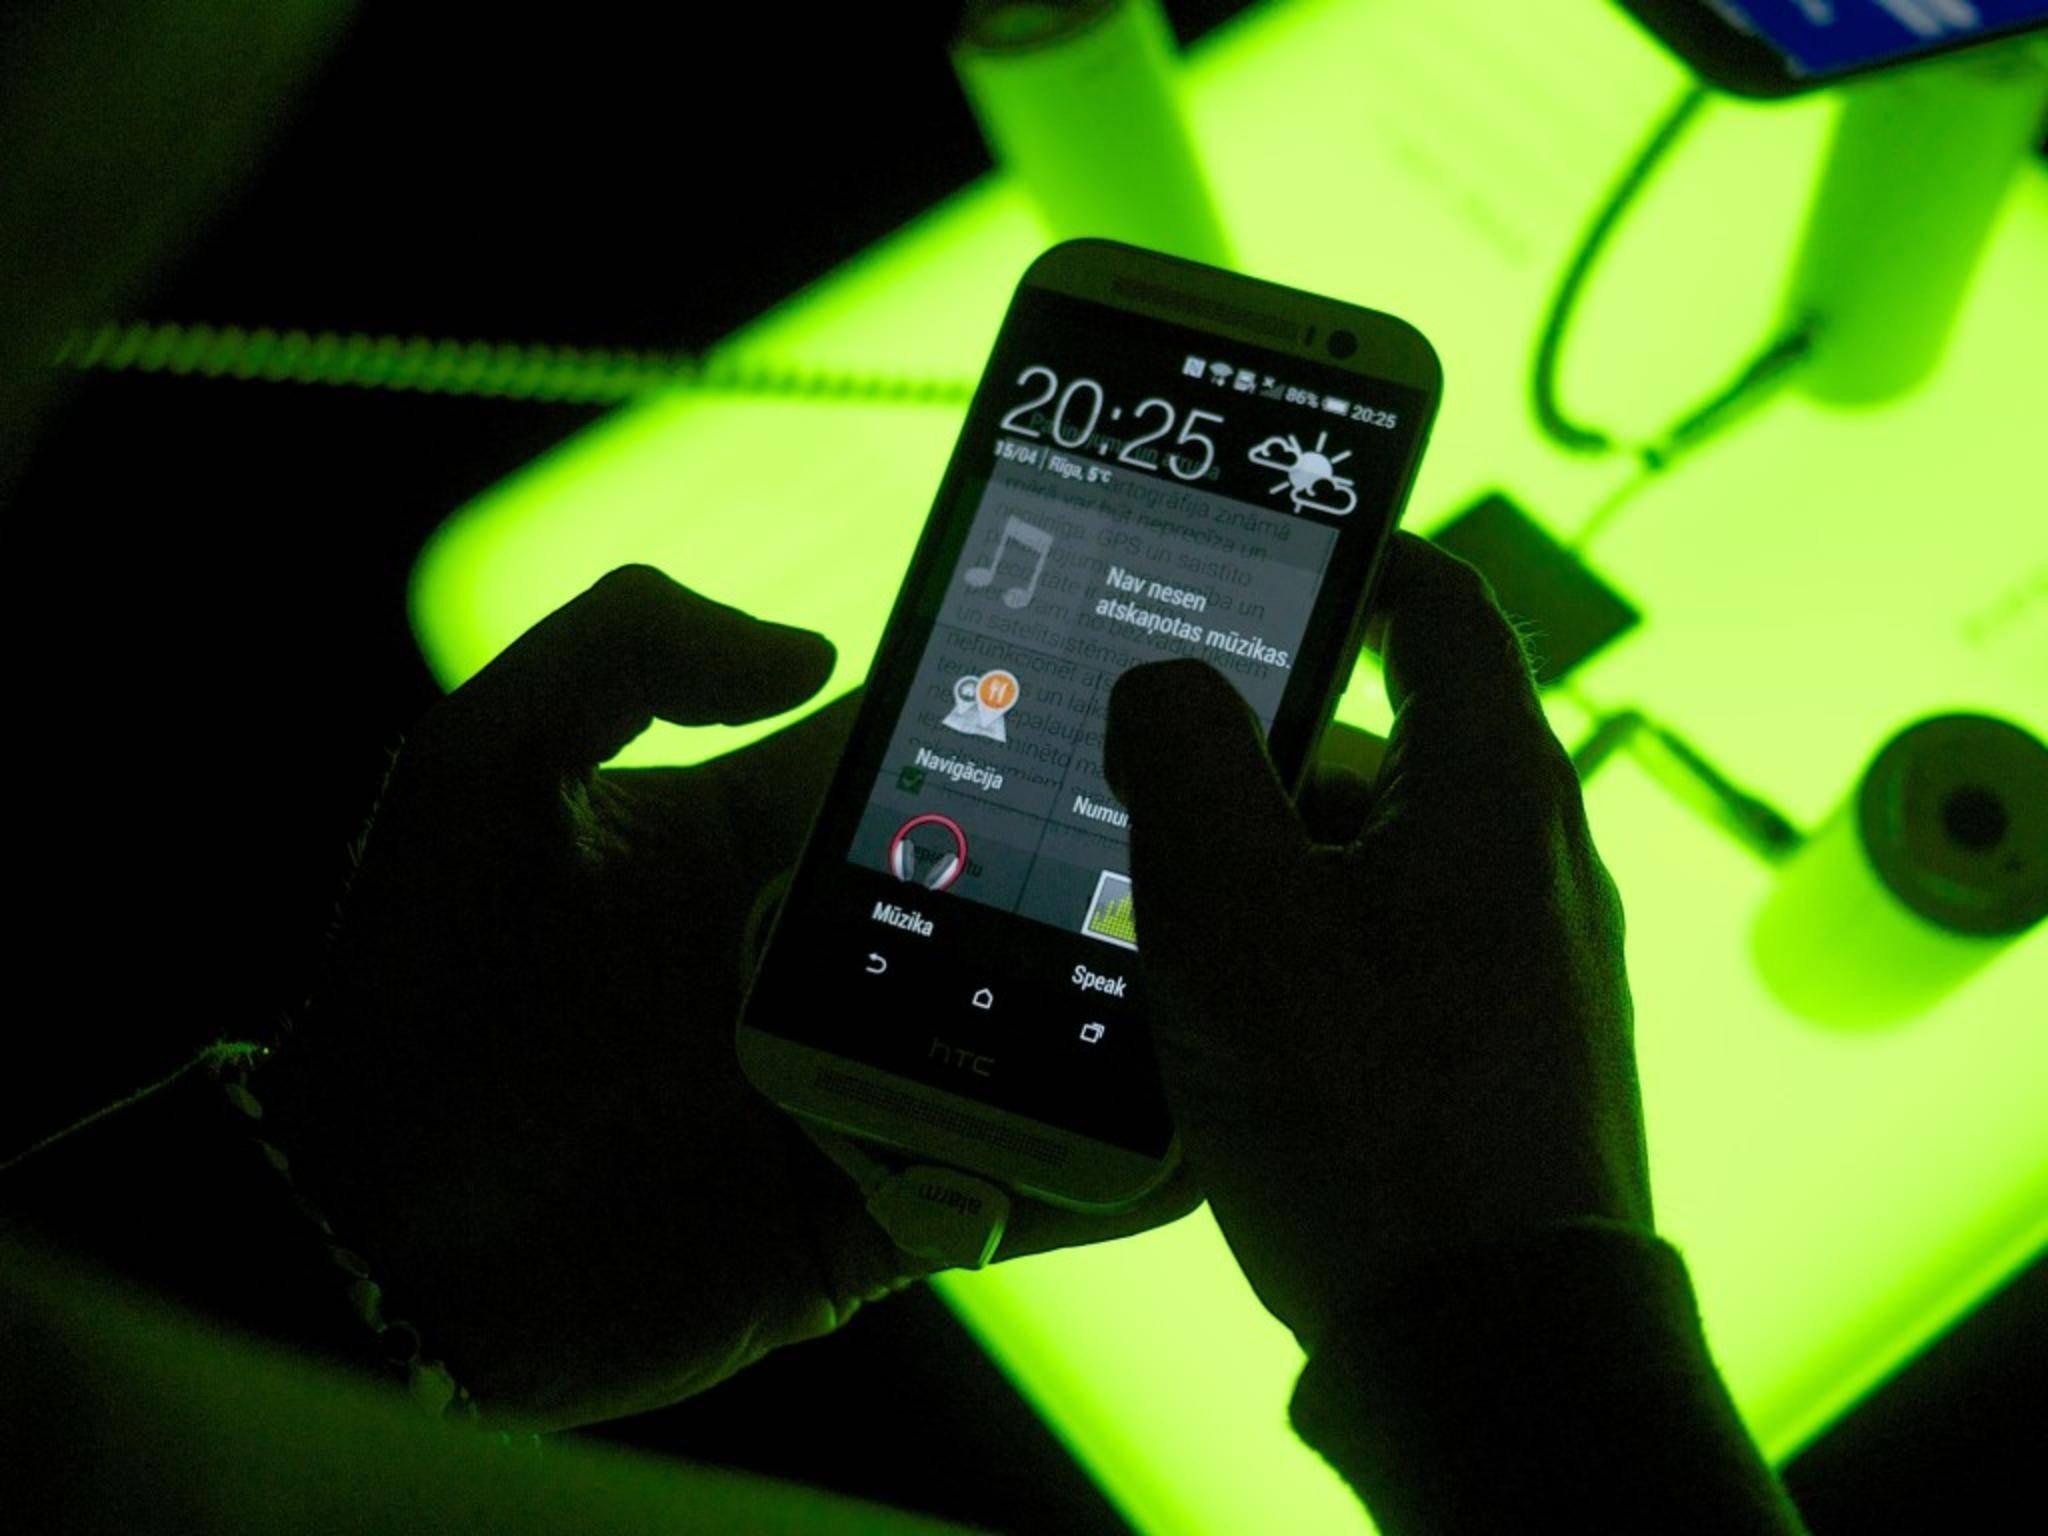 GSM-Codes ermöglichen den Zugriff auf ein verstecktes Service-Menü.